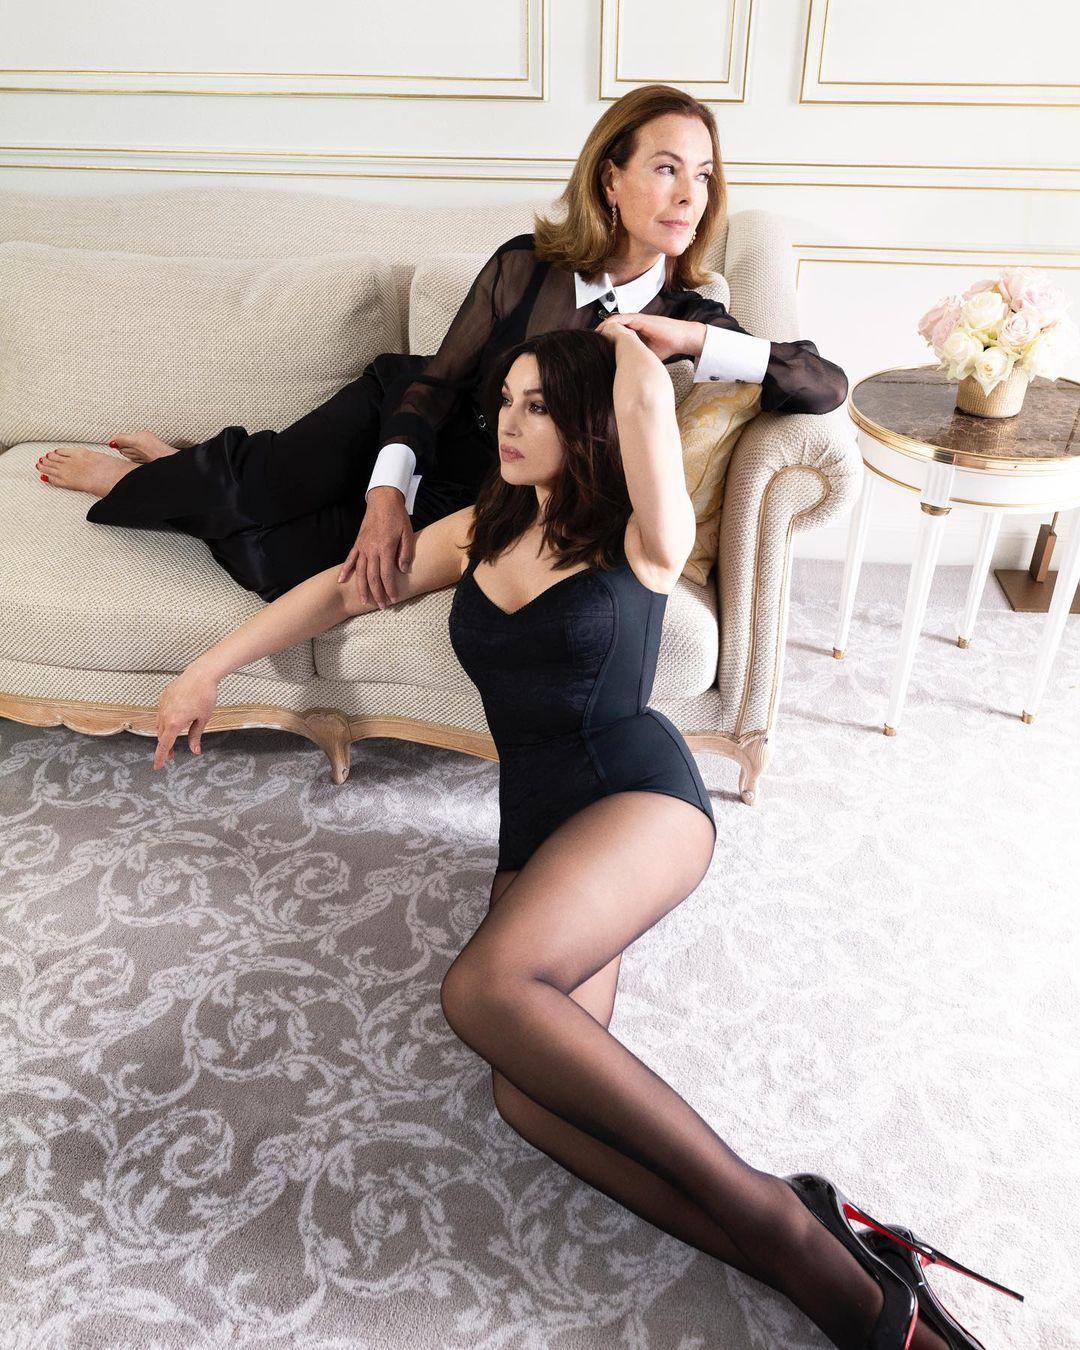 Чувственные кадры: Моника Беллуччи снялась с Кароль Буке